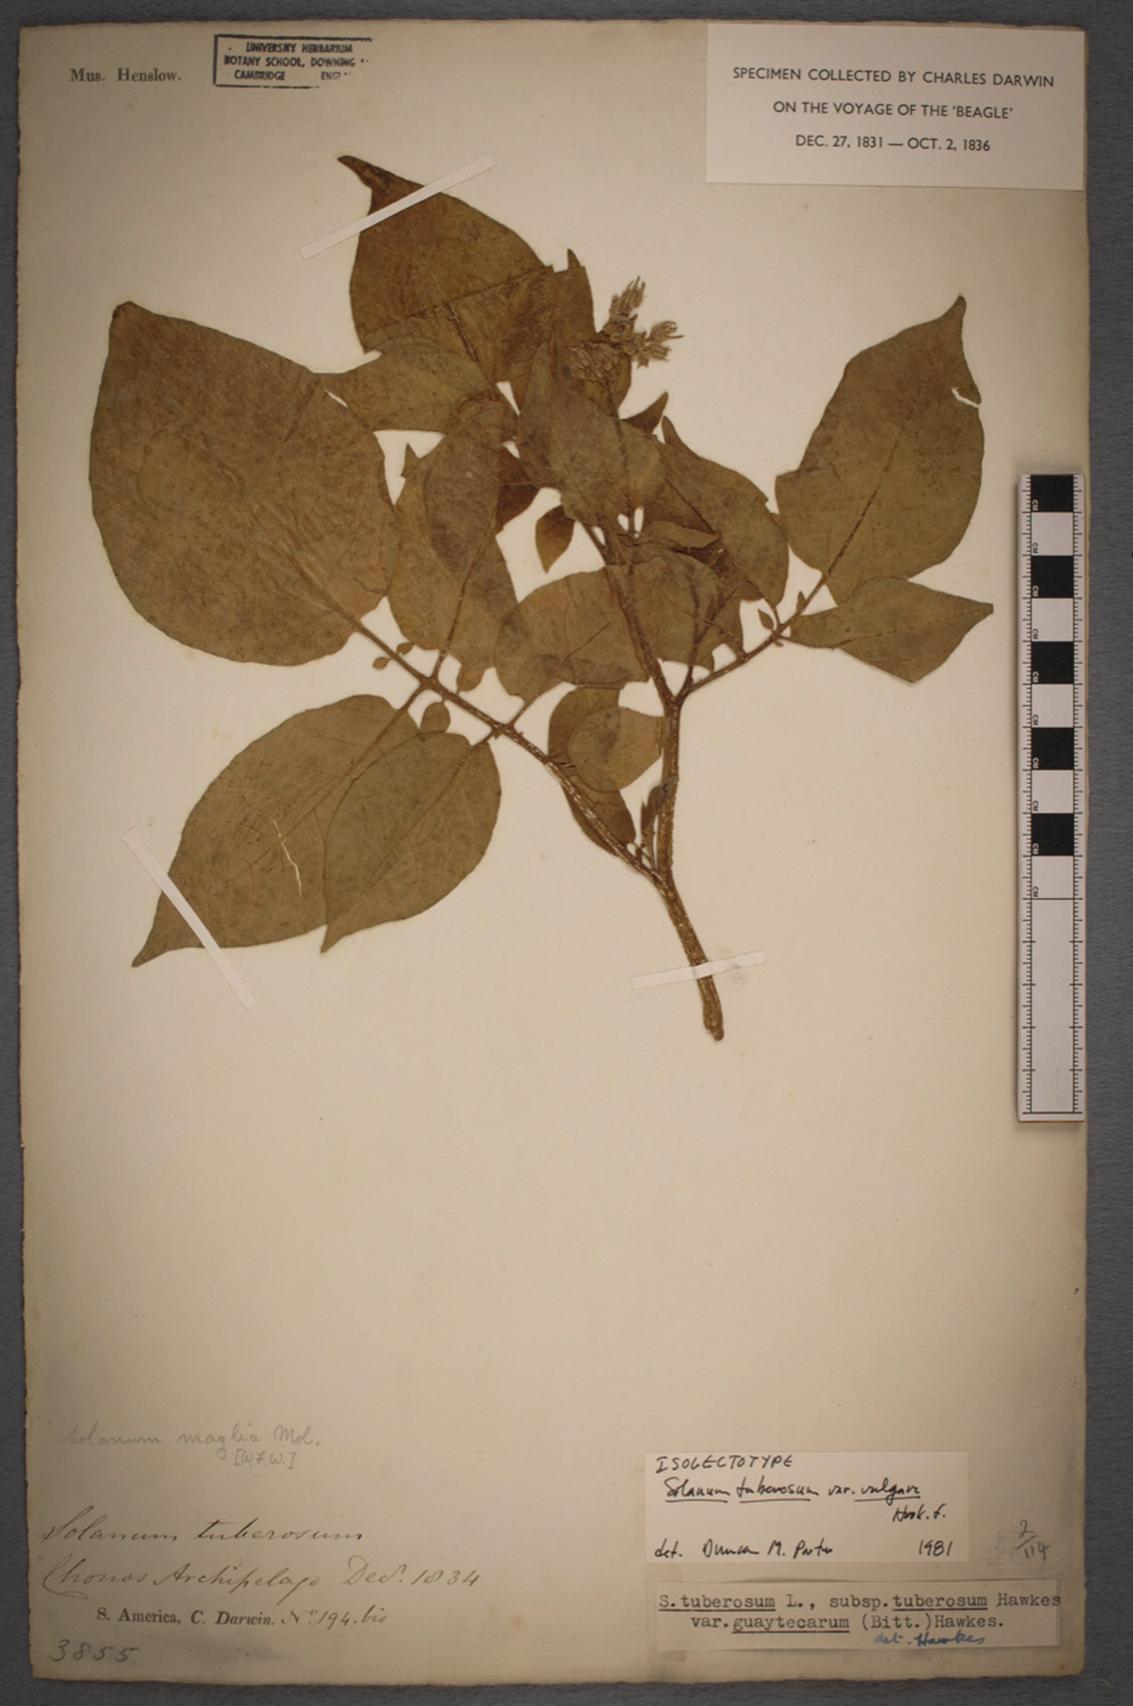 Ein Exemplar der Kartoffel (Solanum tuberosum), die auf dem Chonos-Archipel in Chile von Charles Darwin während seiner Expedition auf der HMS Beagle gesammelt und konserviert wurde.